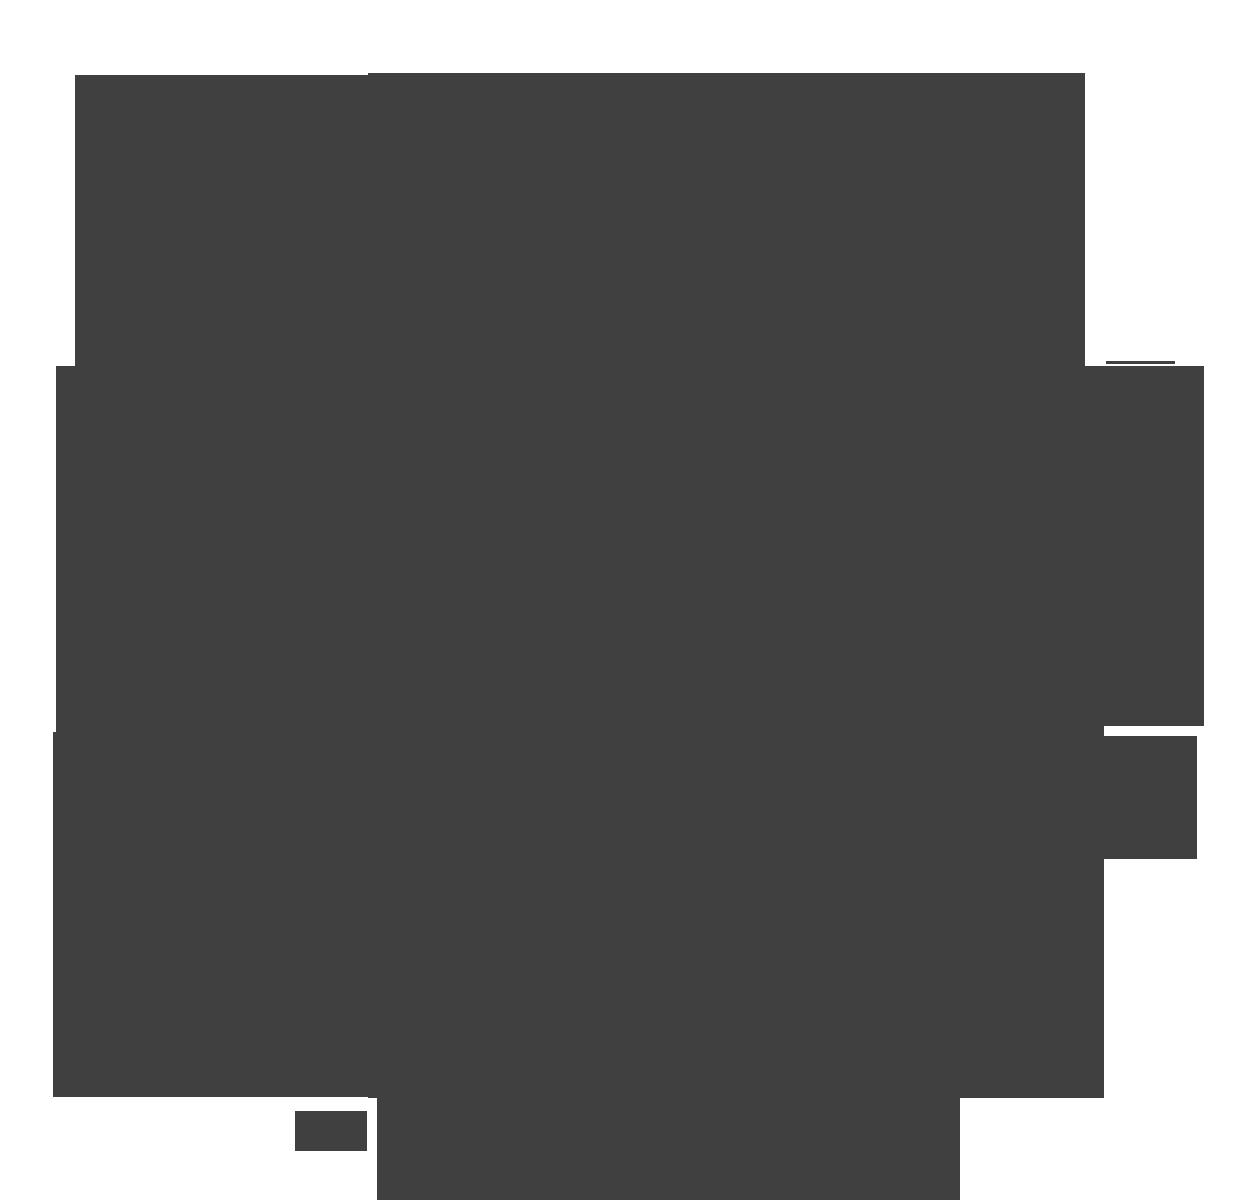 the-skulls-logo-evernightpublishing-2018-transparent-medium.png